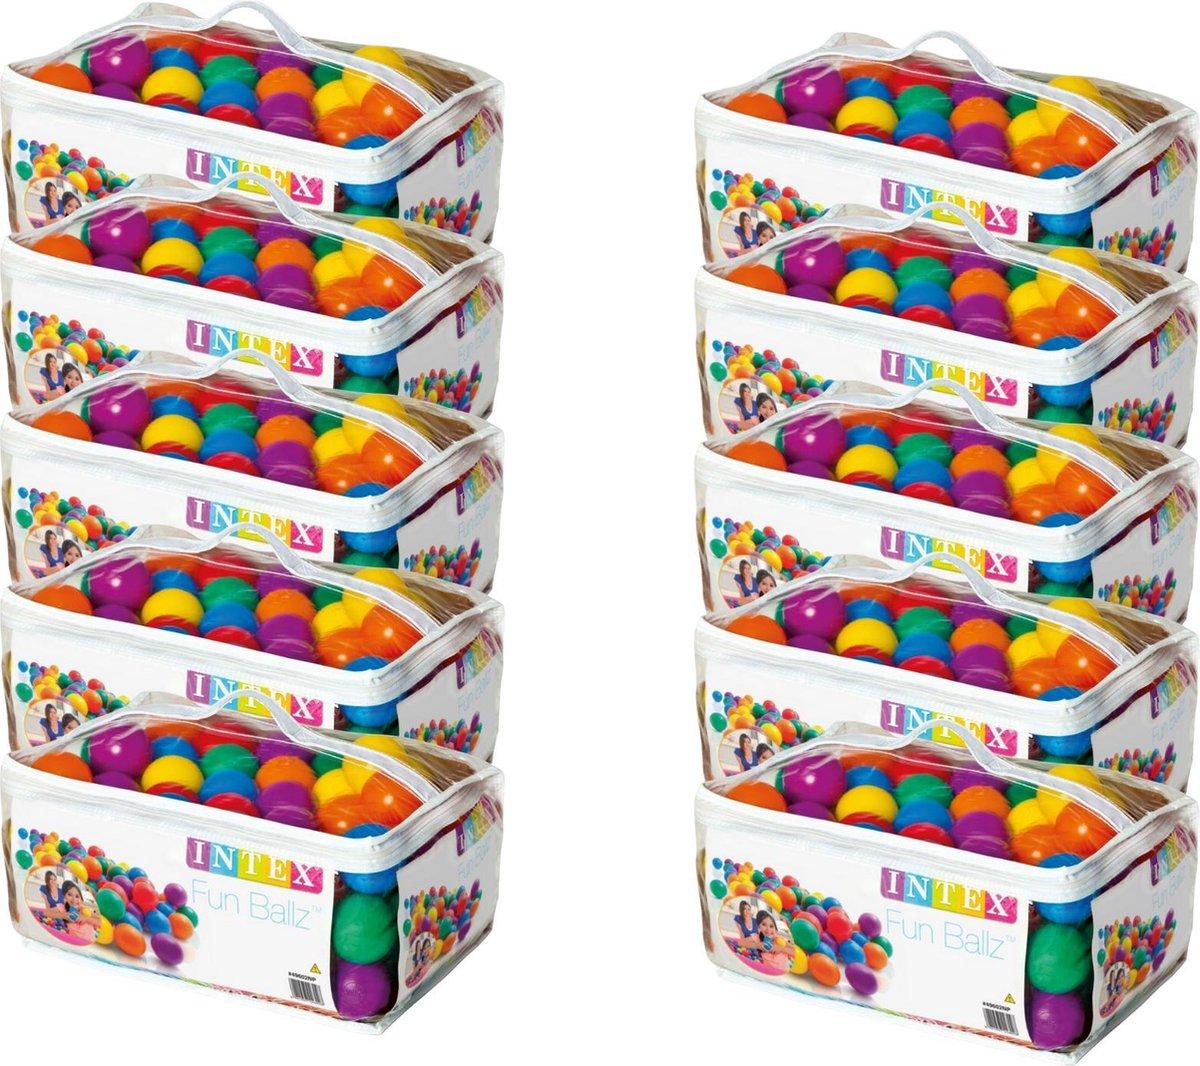 Intex - ballen voor de ballenbak - 1000 ballen - voordeelverpakking - voor kinderen vanaf 3 jaar